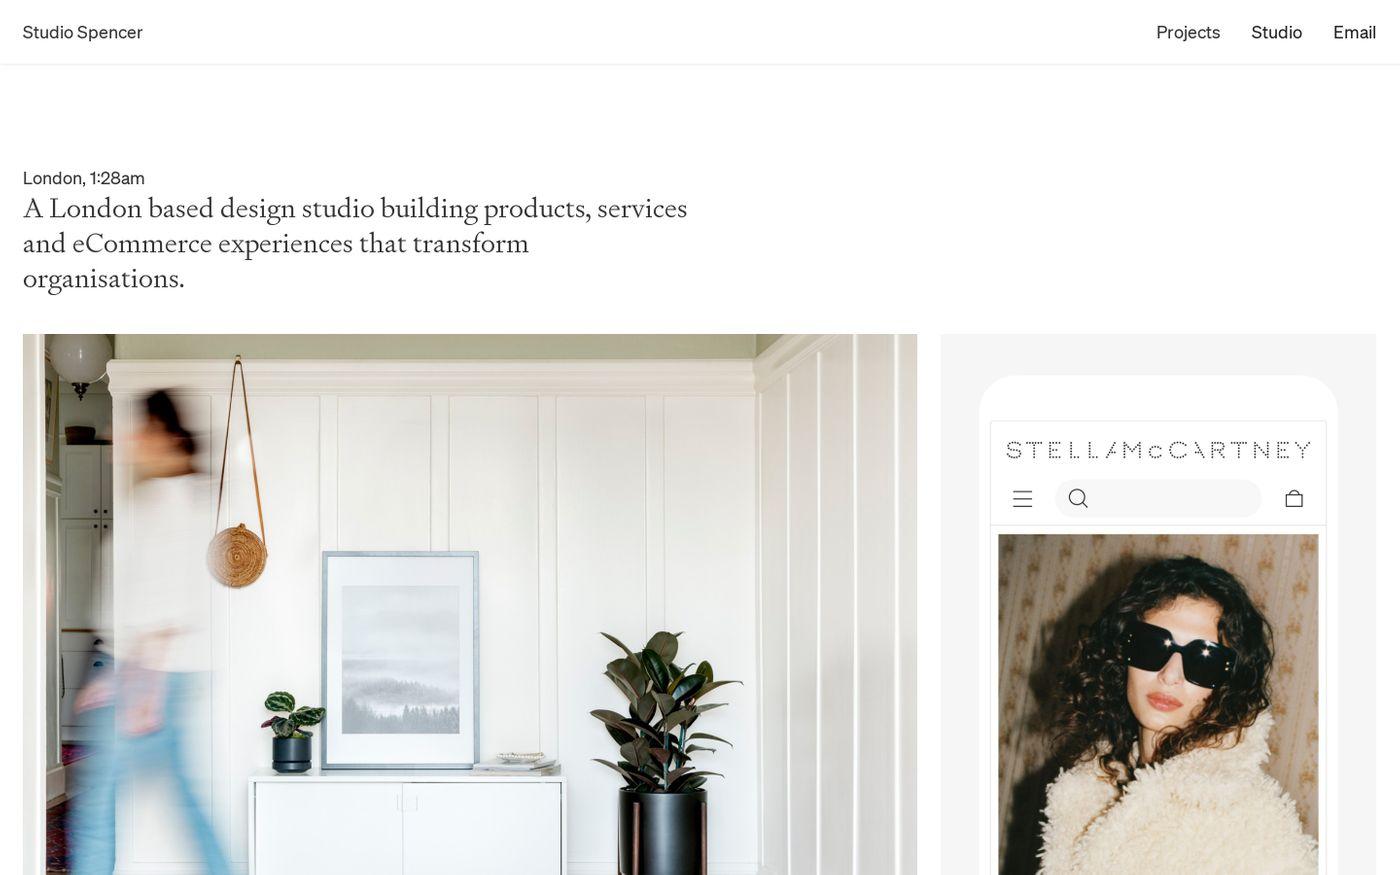 Screenshot of Studio Spencer website